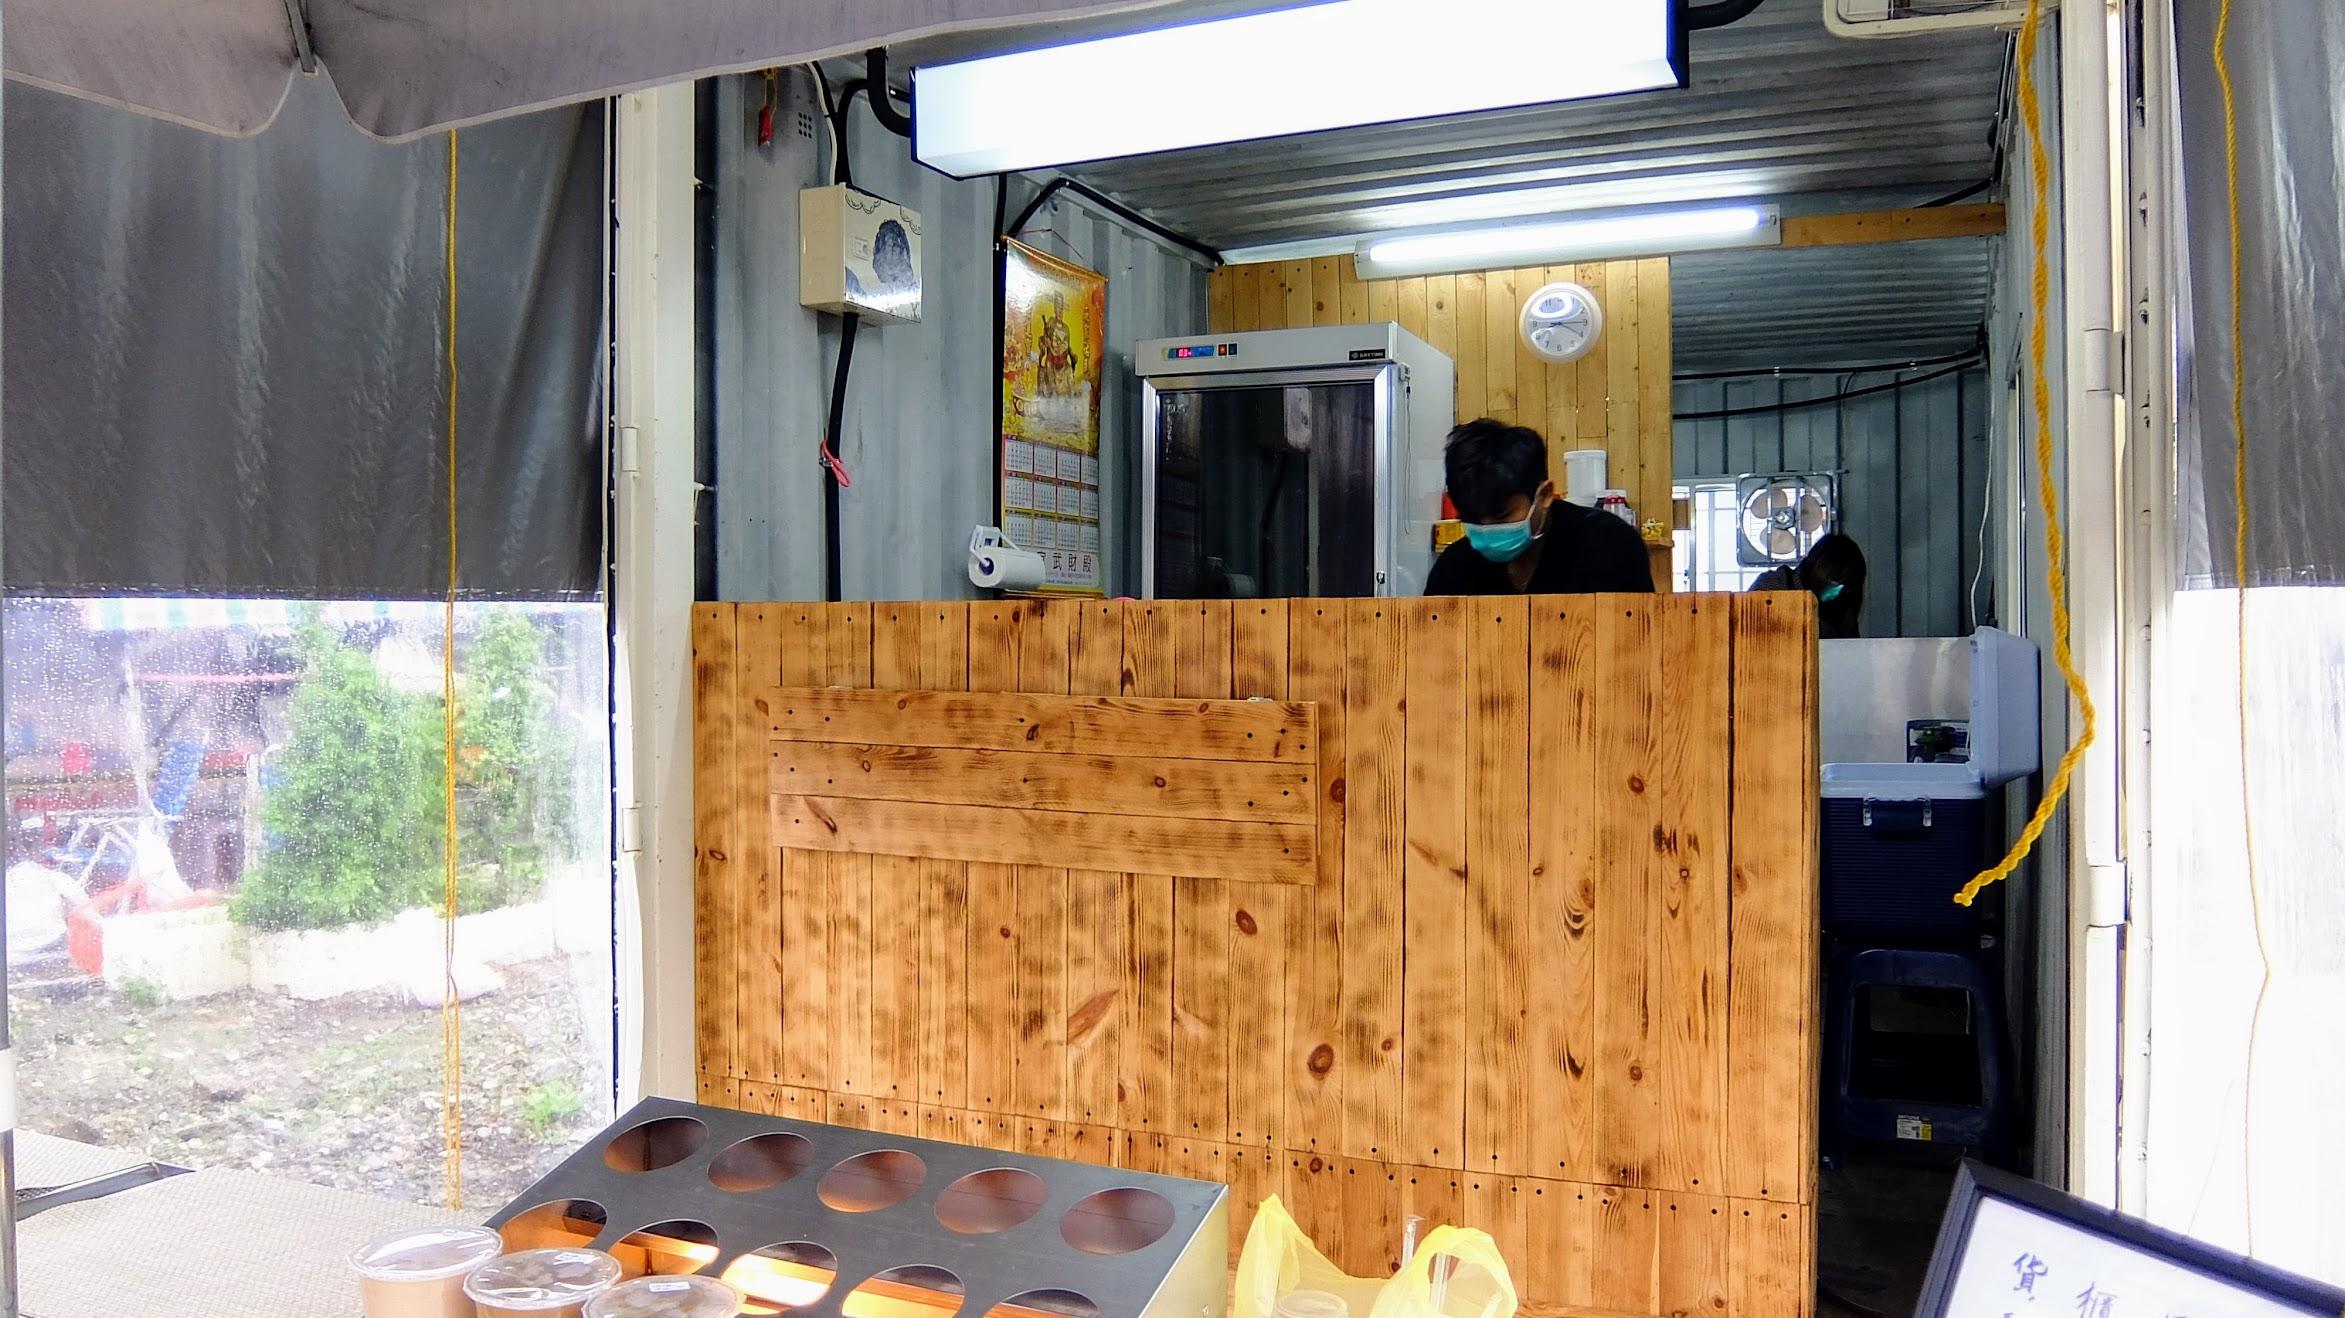 店面不大,就真的是一個小貨櫃,裡頭就在弄早餐囉!